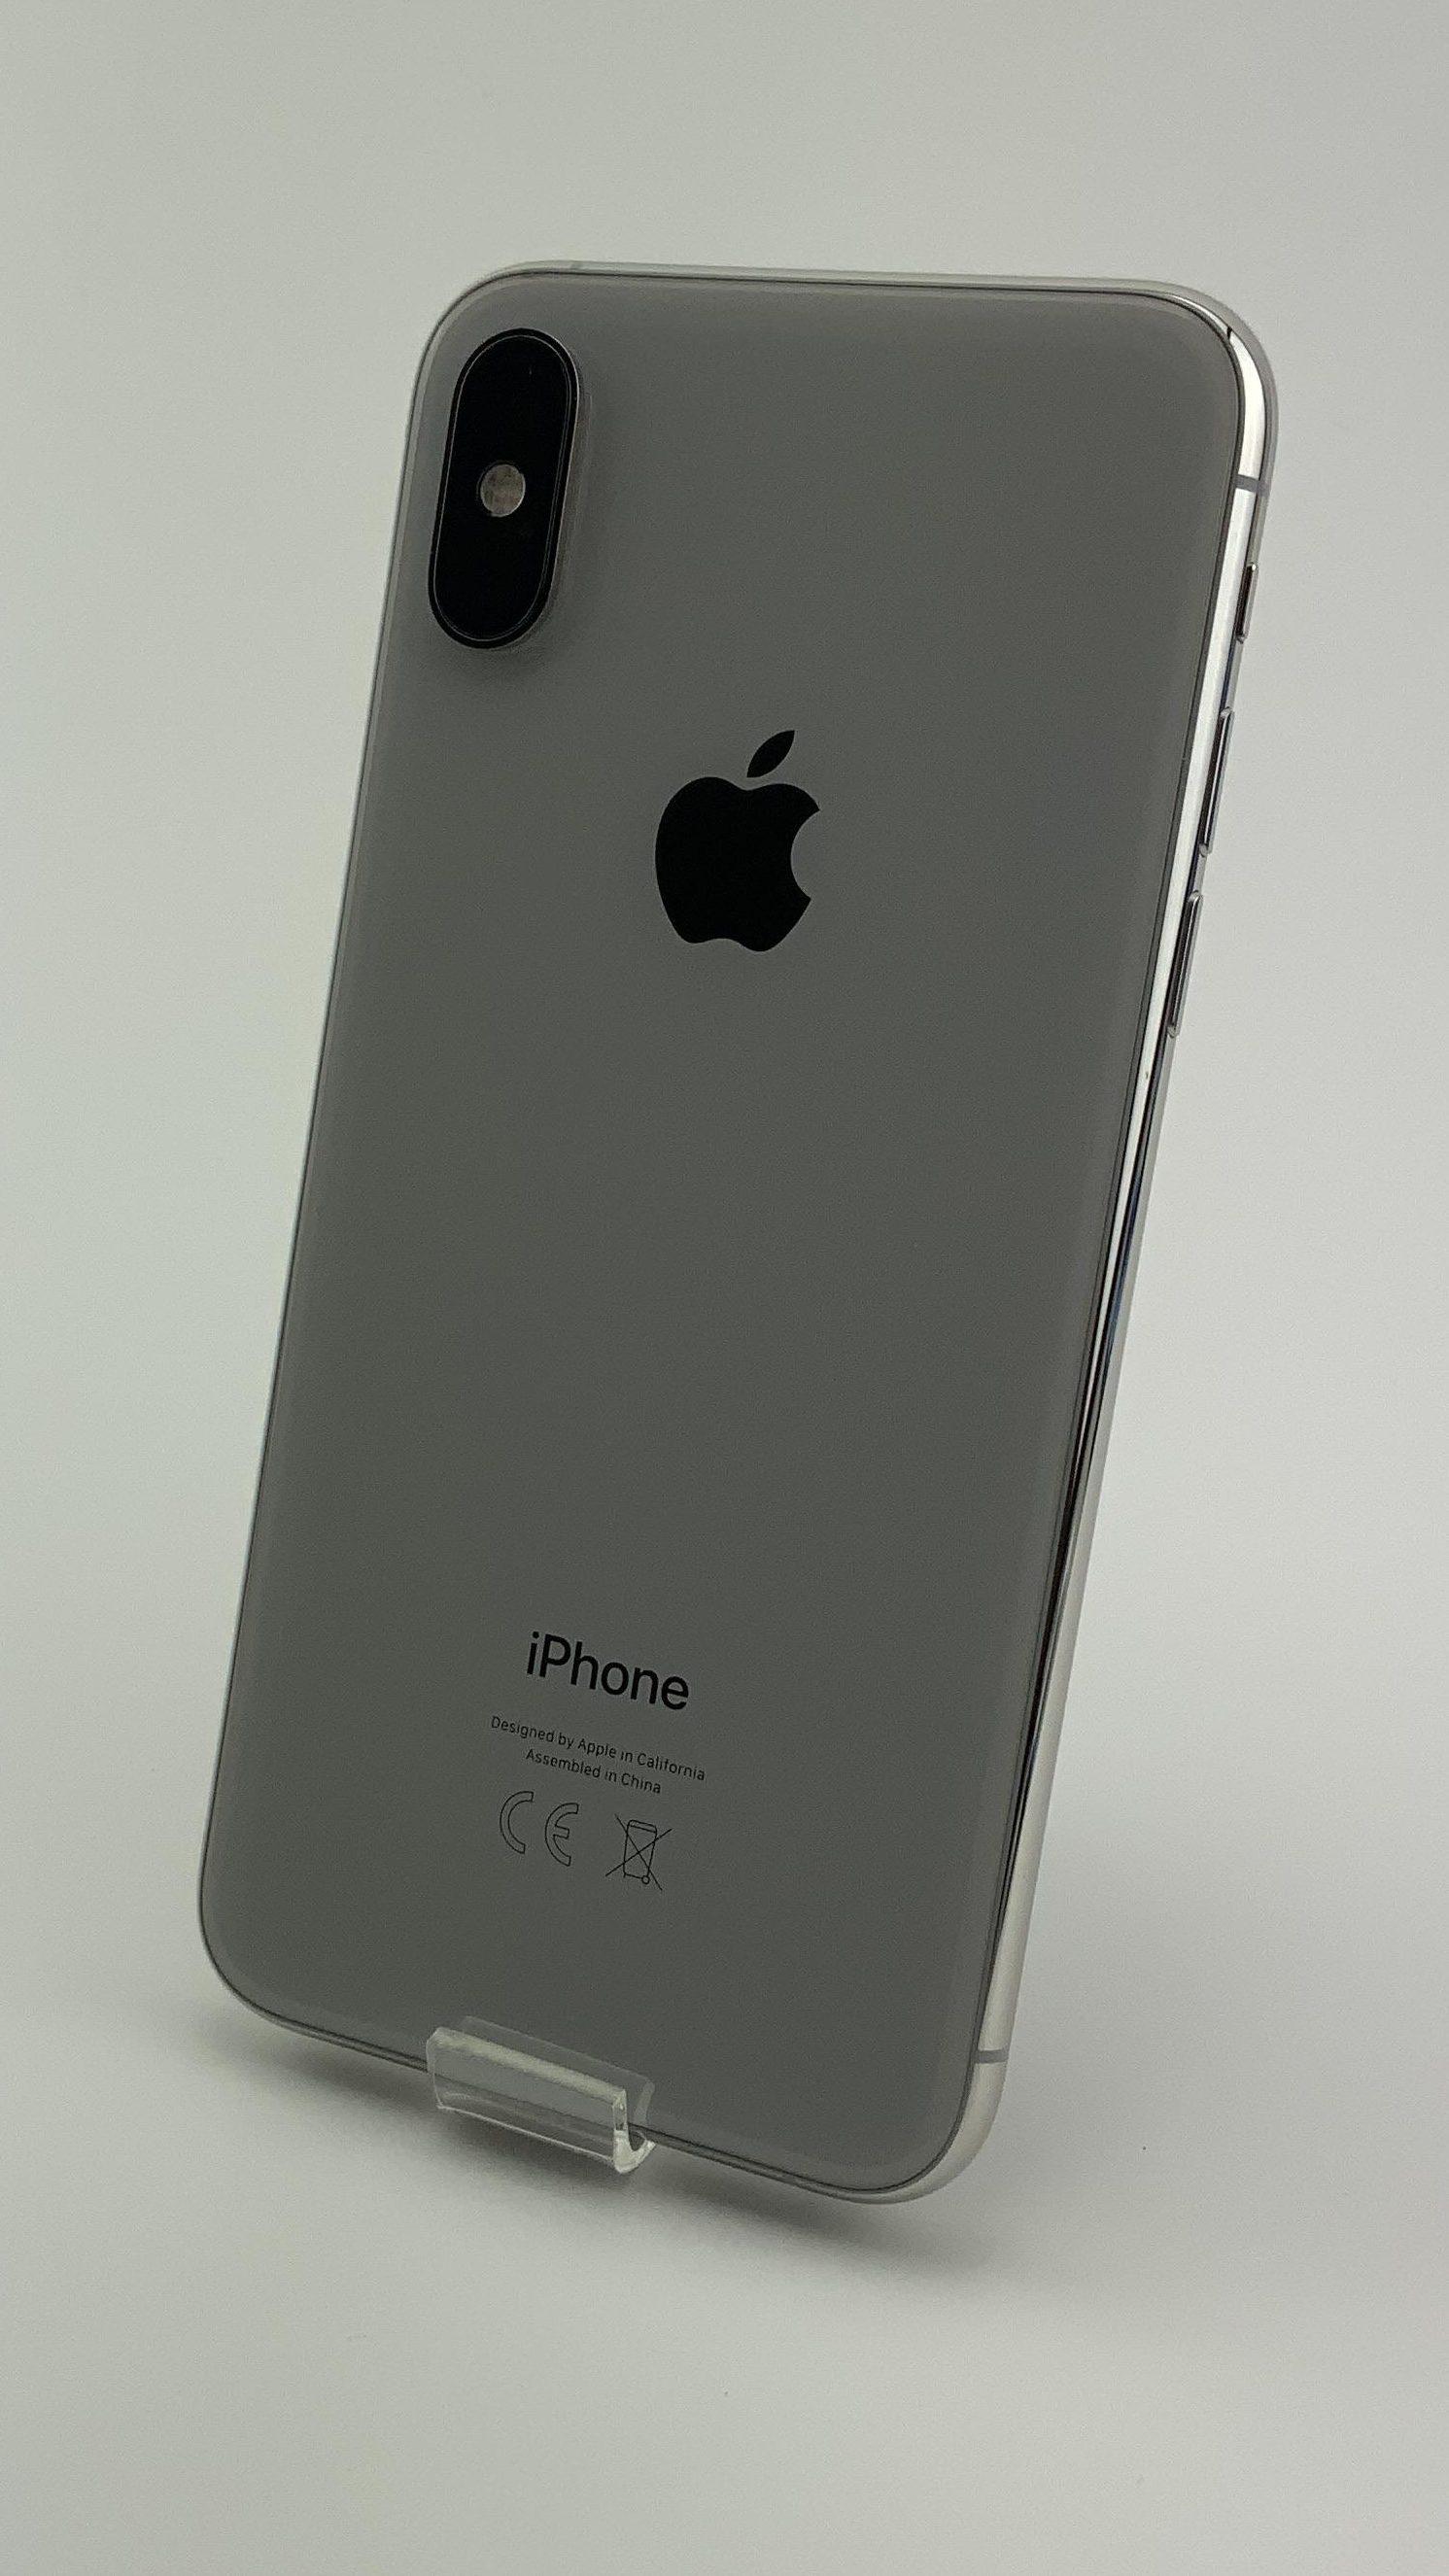 iPhone XS 256GB, 256GB, Silver, Afbeelding 2